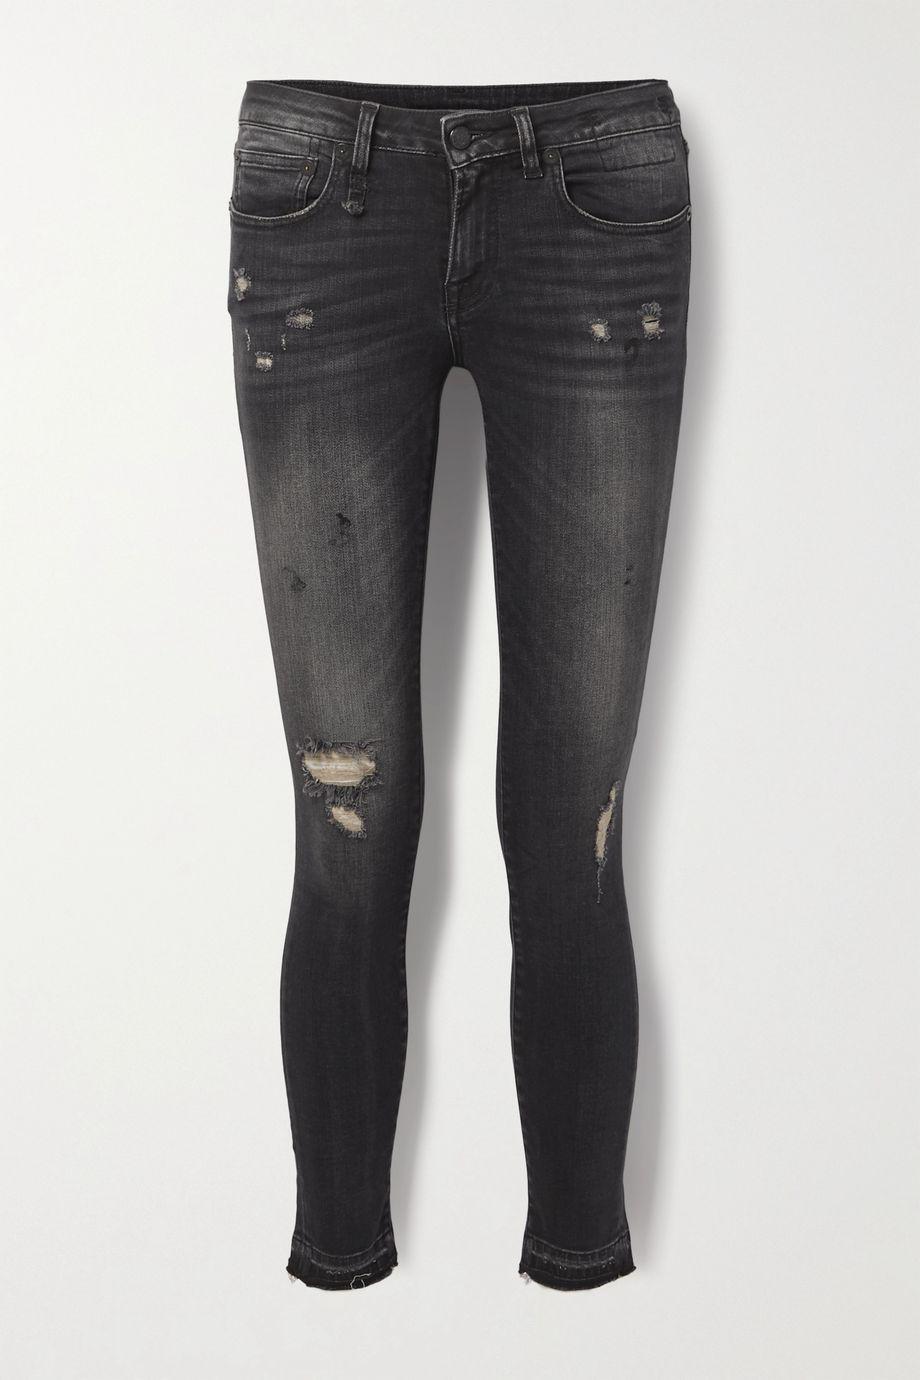 R13 Kate hoch sitzende Skinny Jeans in Distressed-Optik